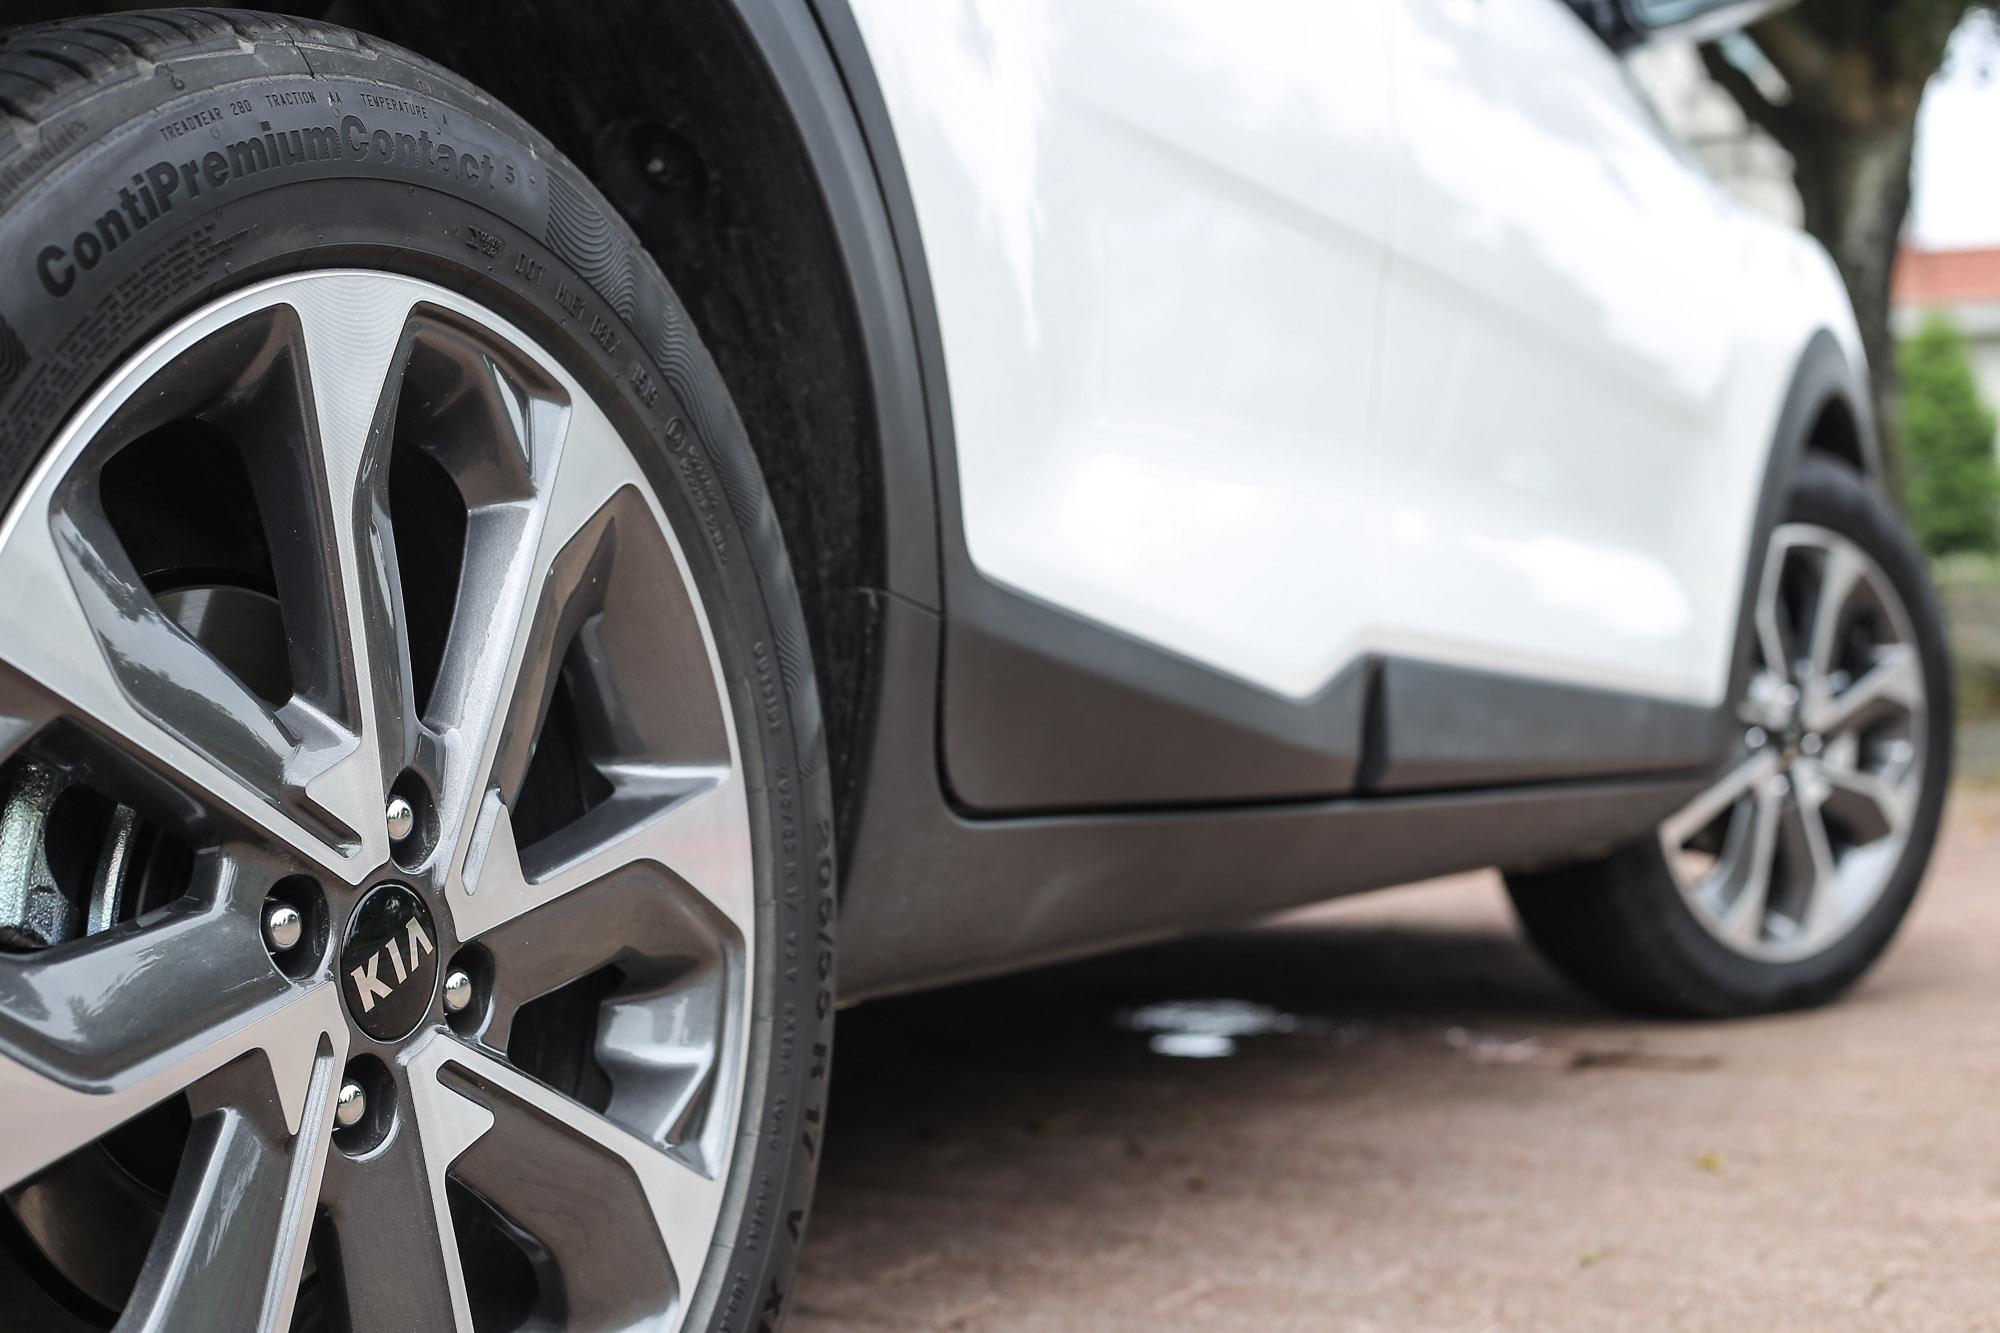 17 吋雙色鋁合金輪圈是驚艷版專屬配置。